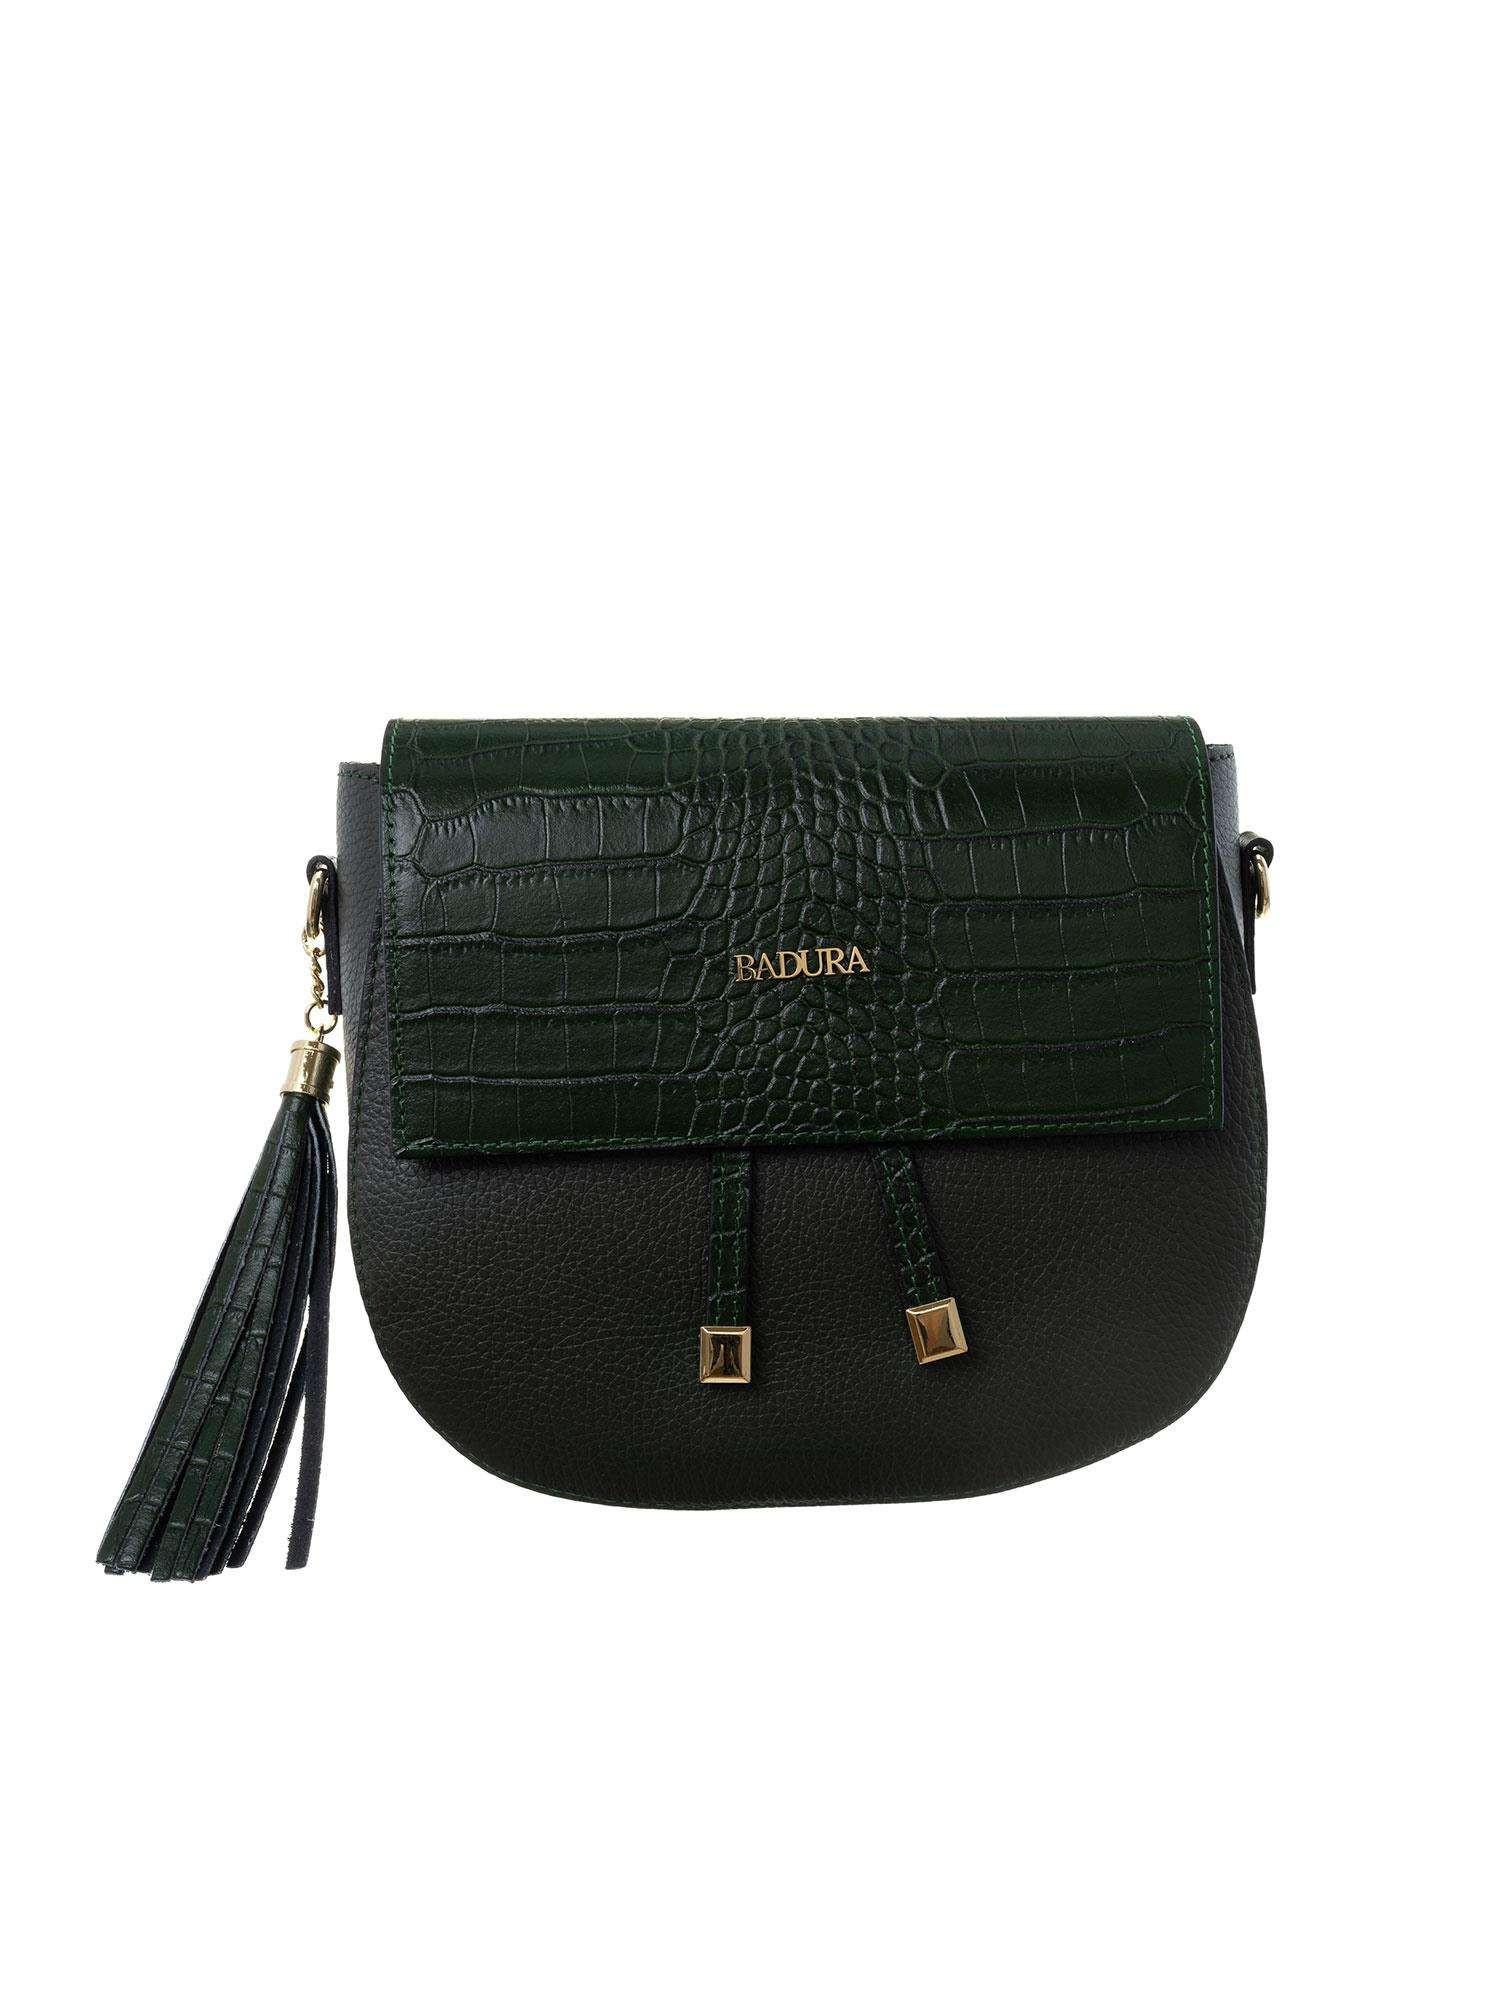 Dámska kožená taška Badura Green ONE SIZE